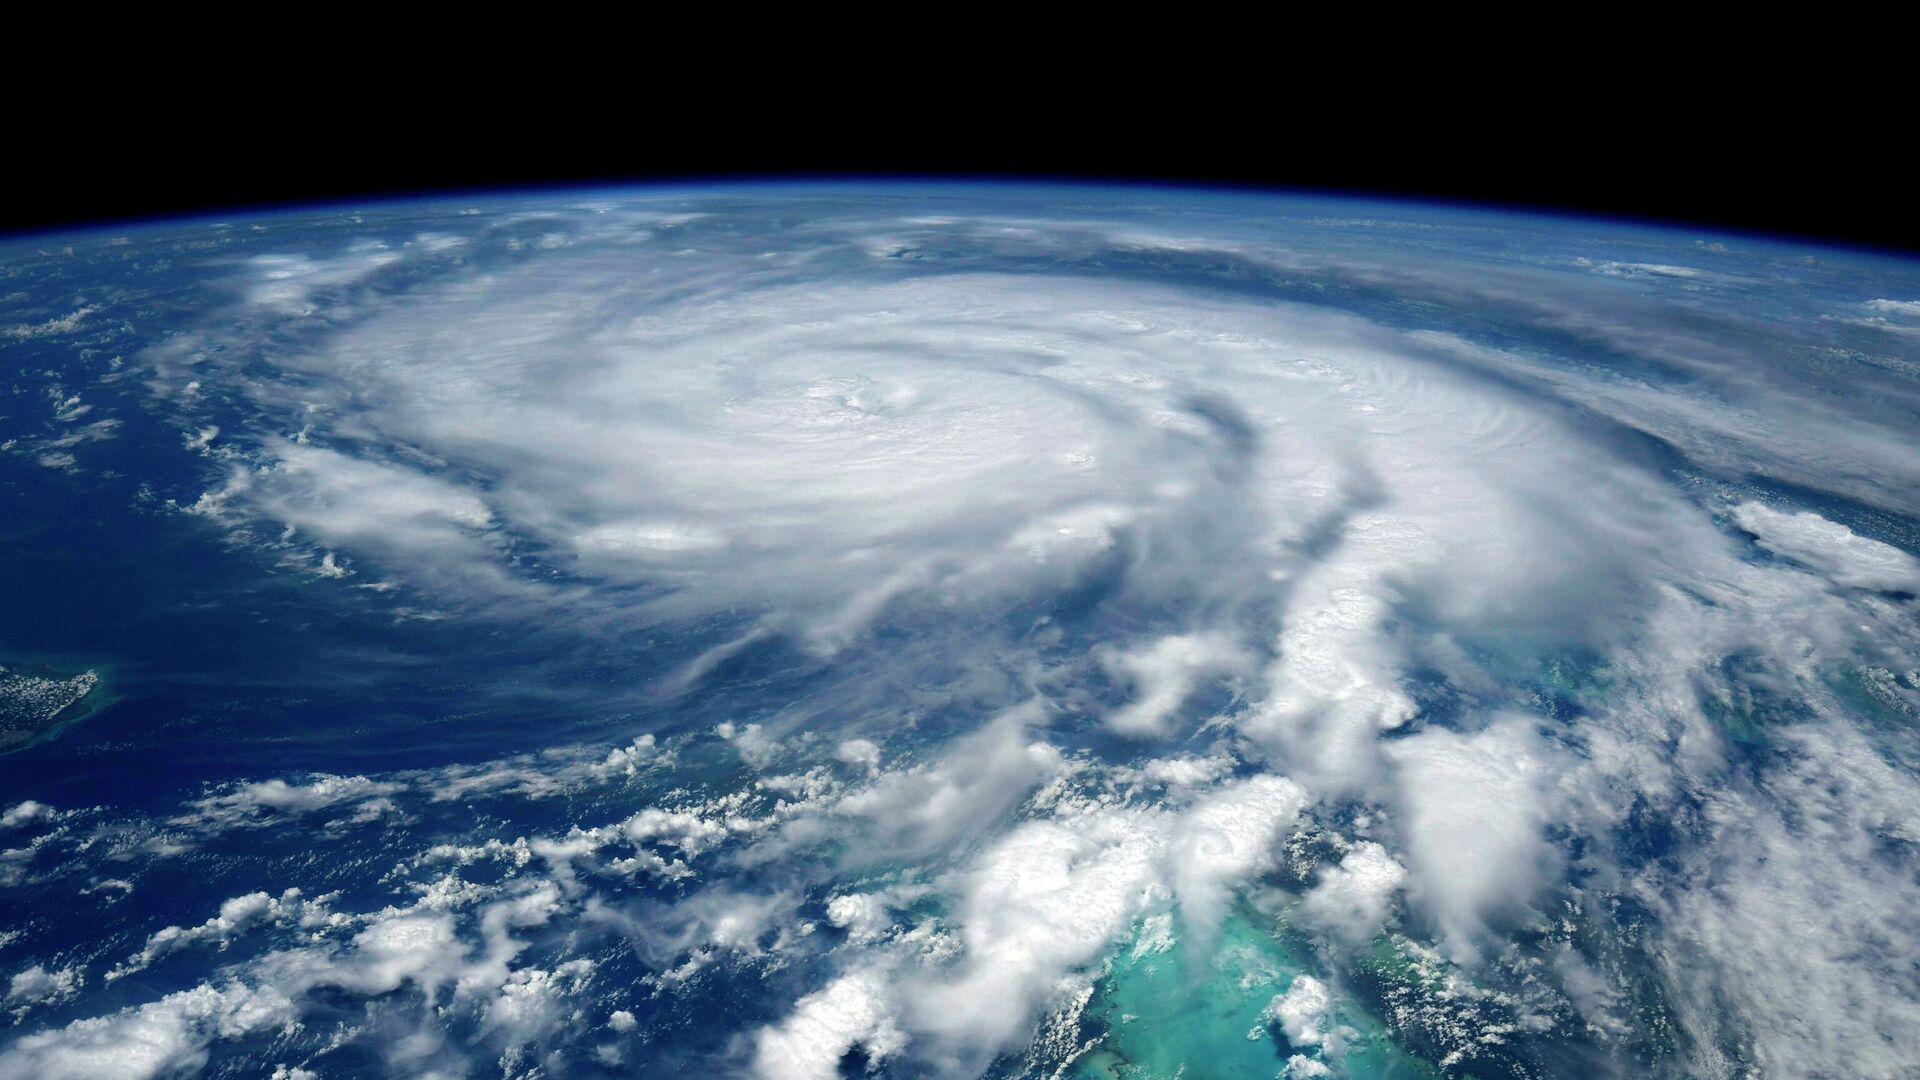 В Новом Орлеане развернули группы по борьбе с мародерством после урагана